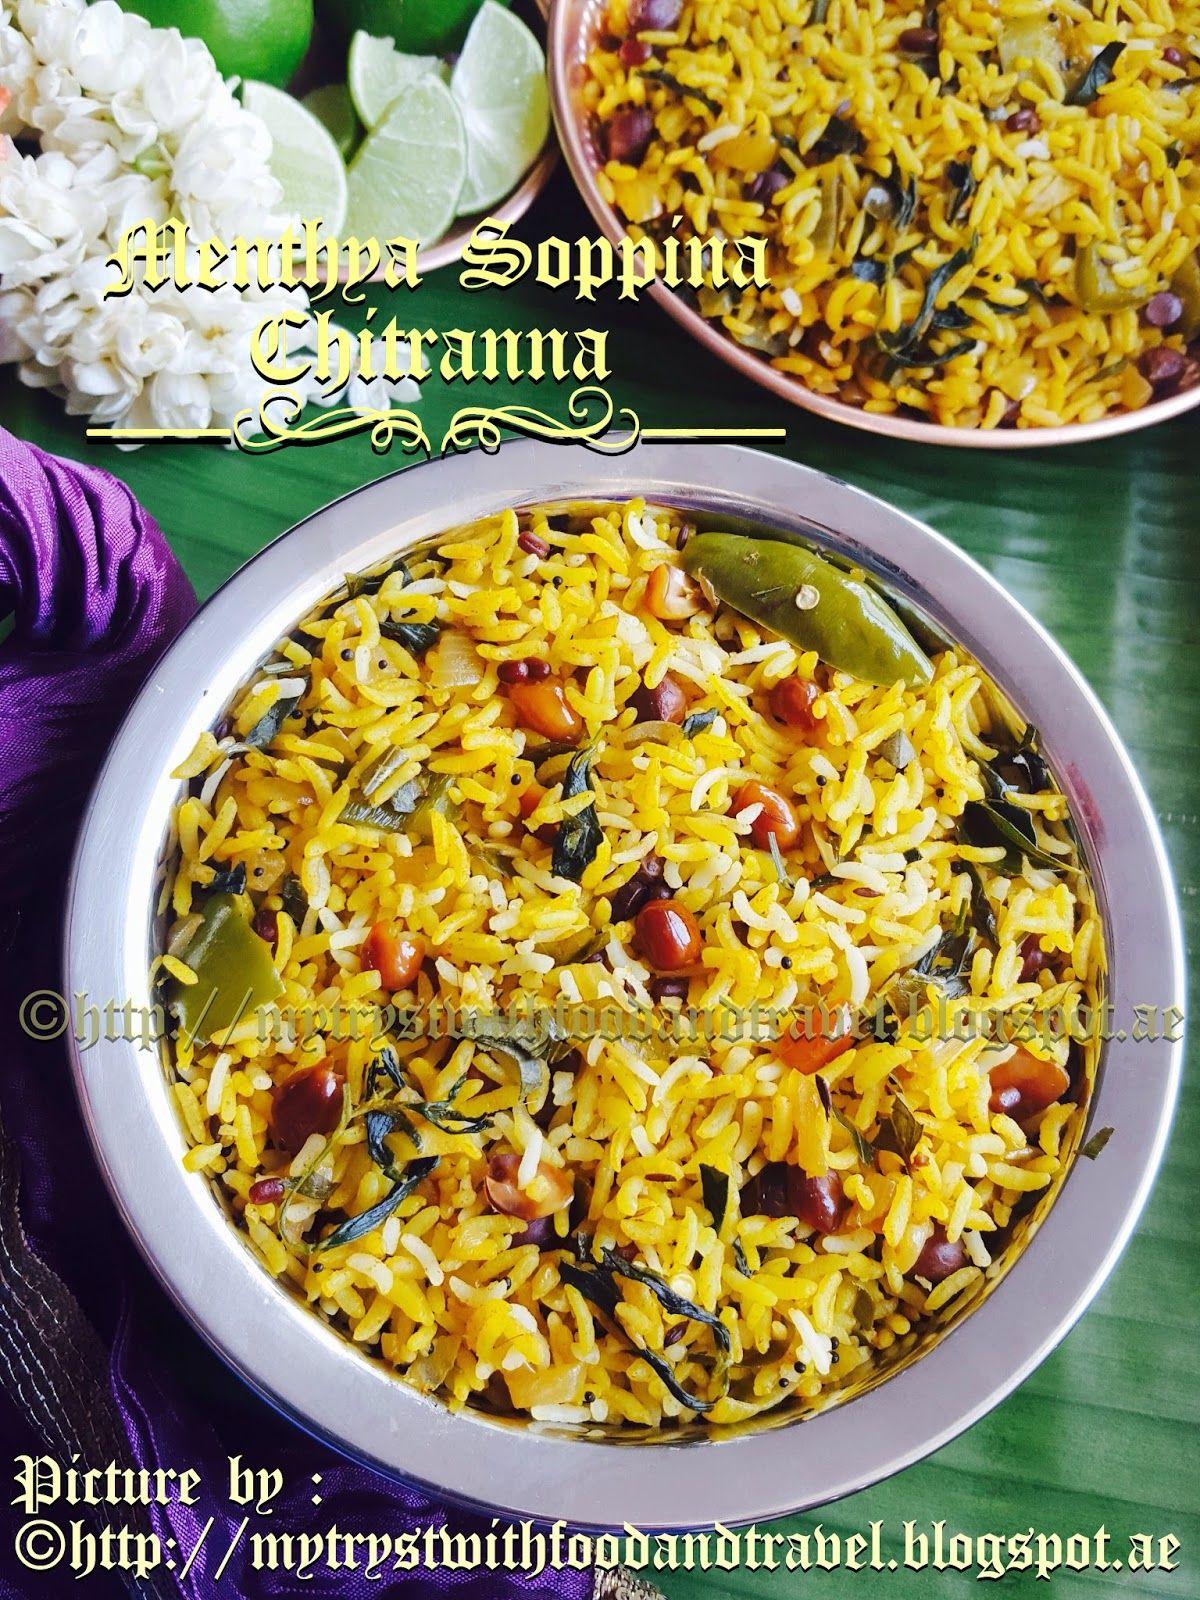 Menthya soppina chitranna recipe ugadi recipes lemon rice with menthya soppina chitranna recipe ugadi recipes lemon rice with fenugreek leaves recipe fenugreek forumfinder Choice Image